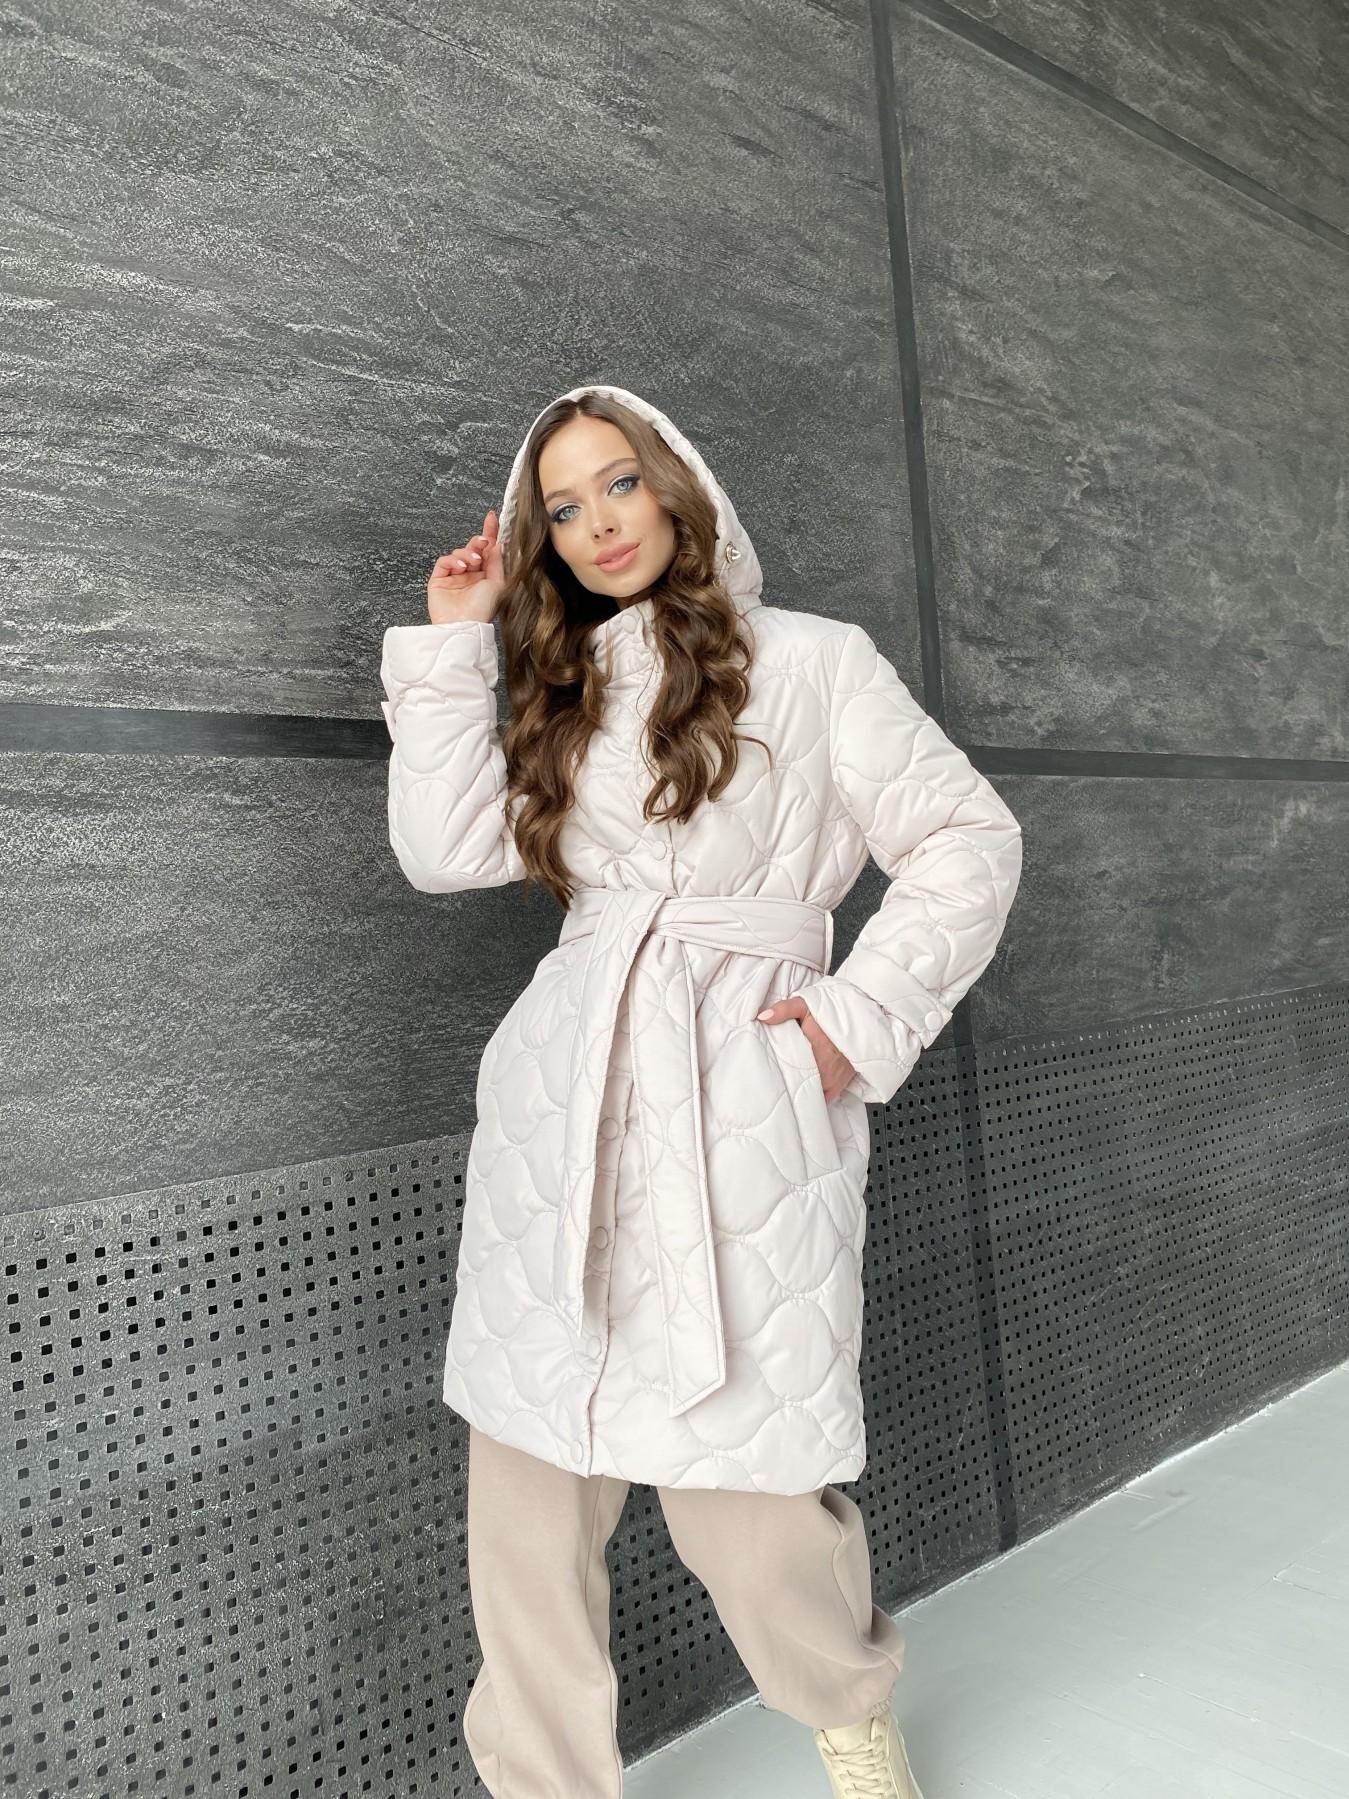 Виза ЗИГЗАГ стеганая куртка из плащевой ткани 11016 АРТ. 47517 Цвет: Бежевый 970 - фото 11, интернет магазин tm-modus.ru